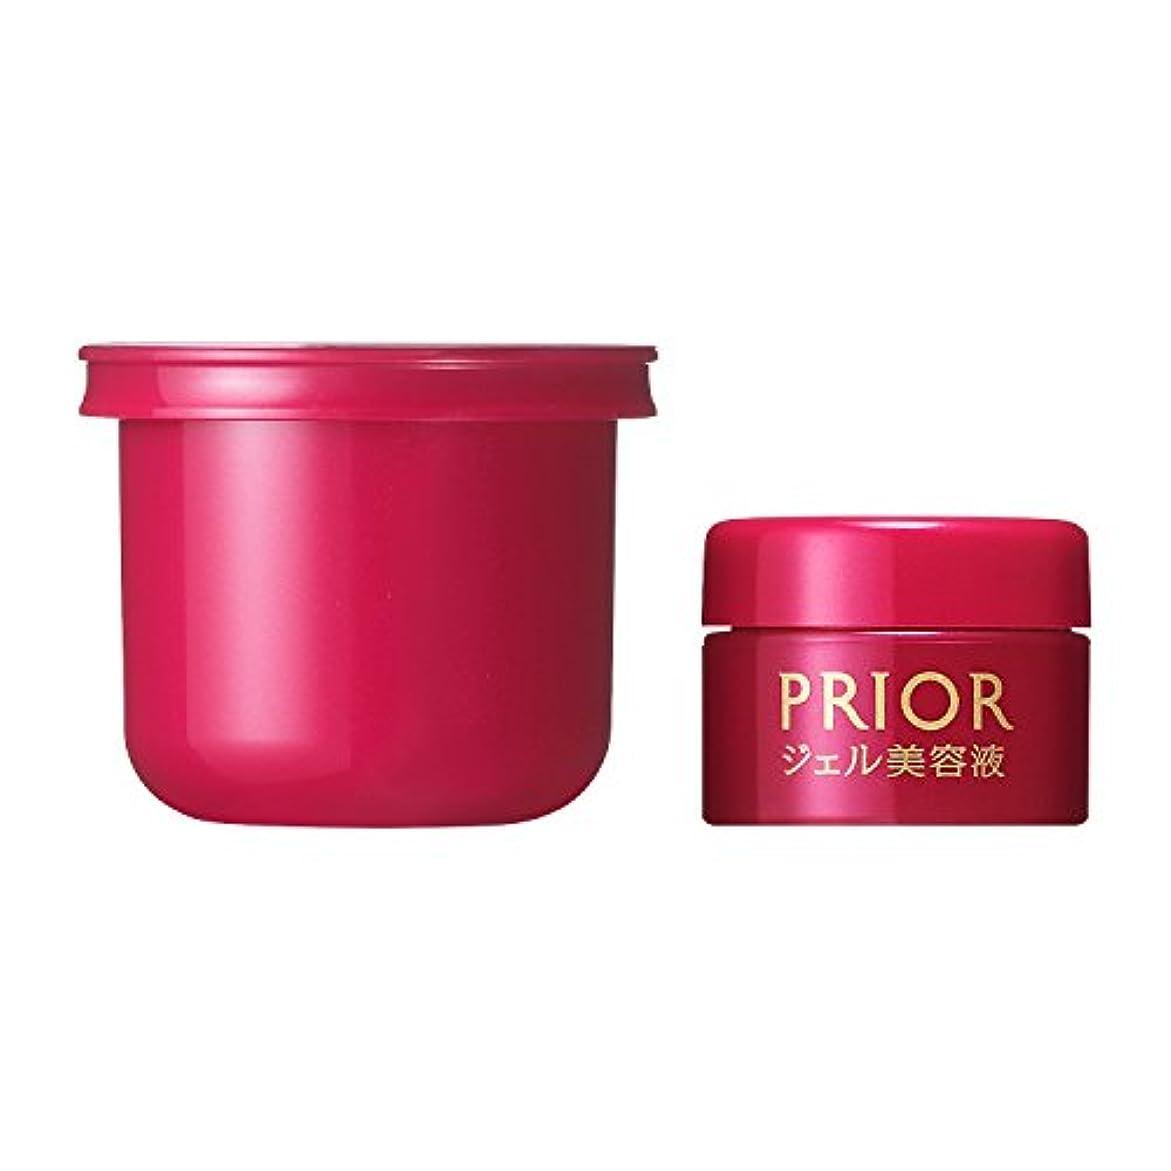 感性習慣抜け目のないプリオール ジェル美容液 つけかえ用 限定セット a ミニサイズ付き 48g + 7g